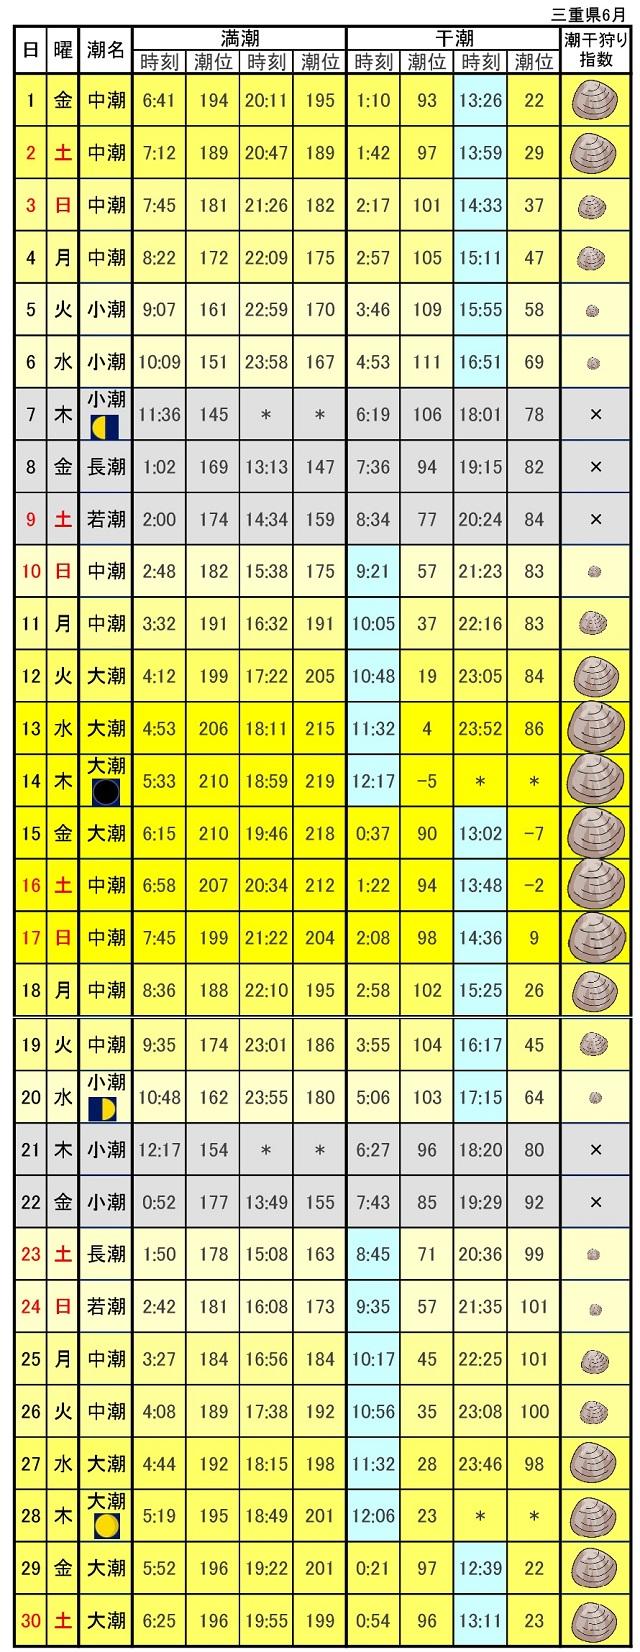 三重県伊勢湾潮位表2018年6月